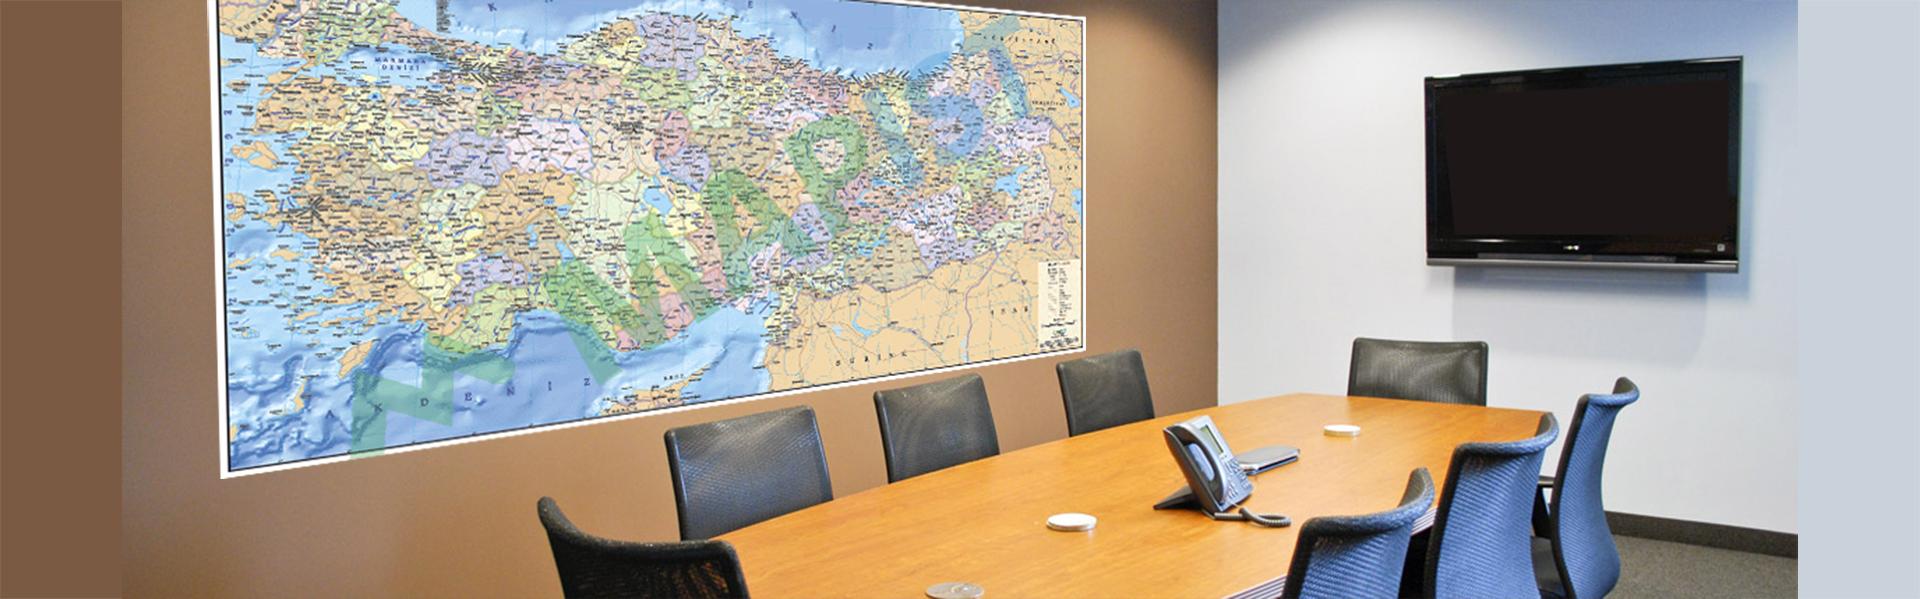 toplanti_odasi_turkiye_siyasi_haritasi_duvar_haritasi_pusula_harita_yayincilik_72